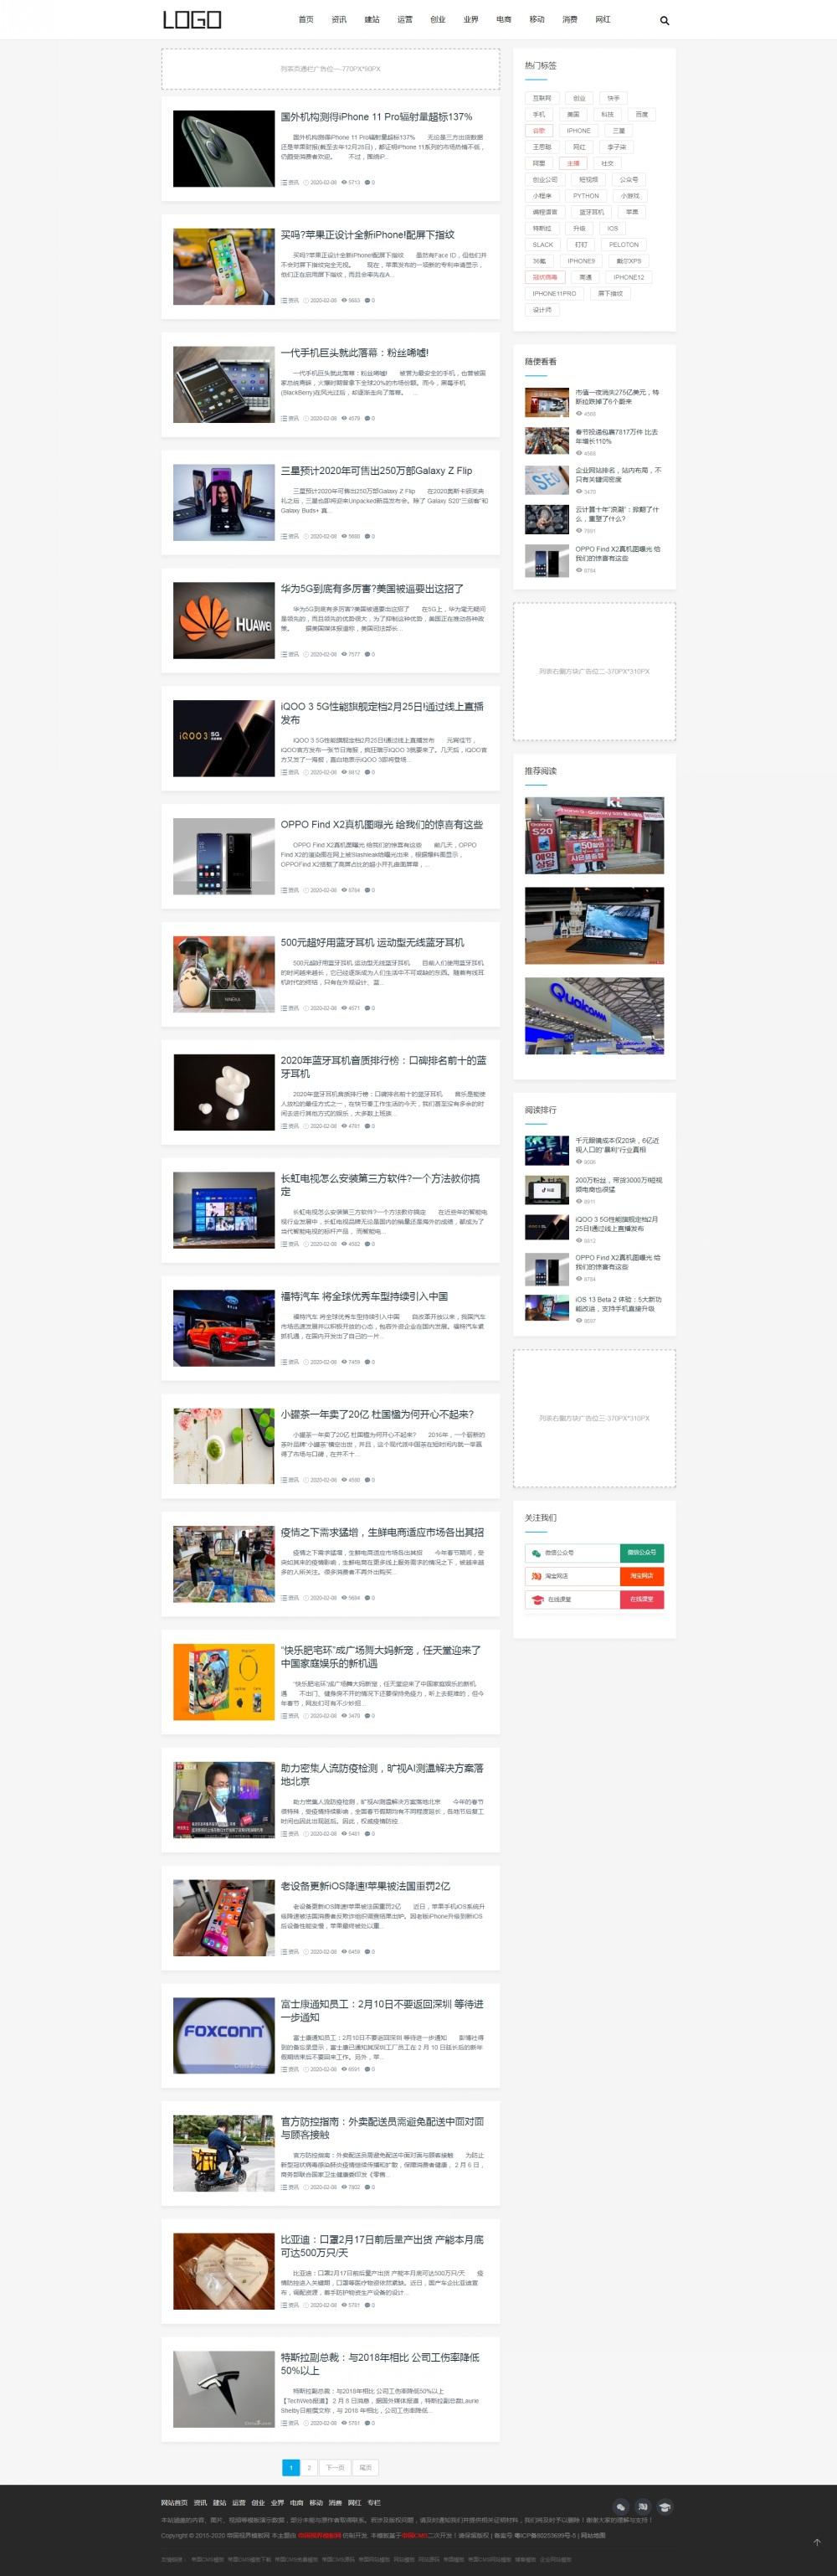 网站栏目(图文).jpg [DG-072]帝国CMS自适应新闻资讯个人博客网站模板 博客文章 第2张